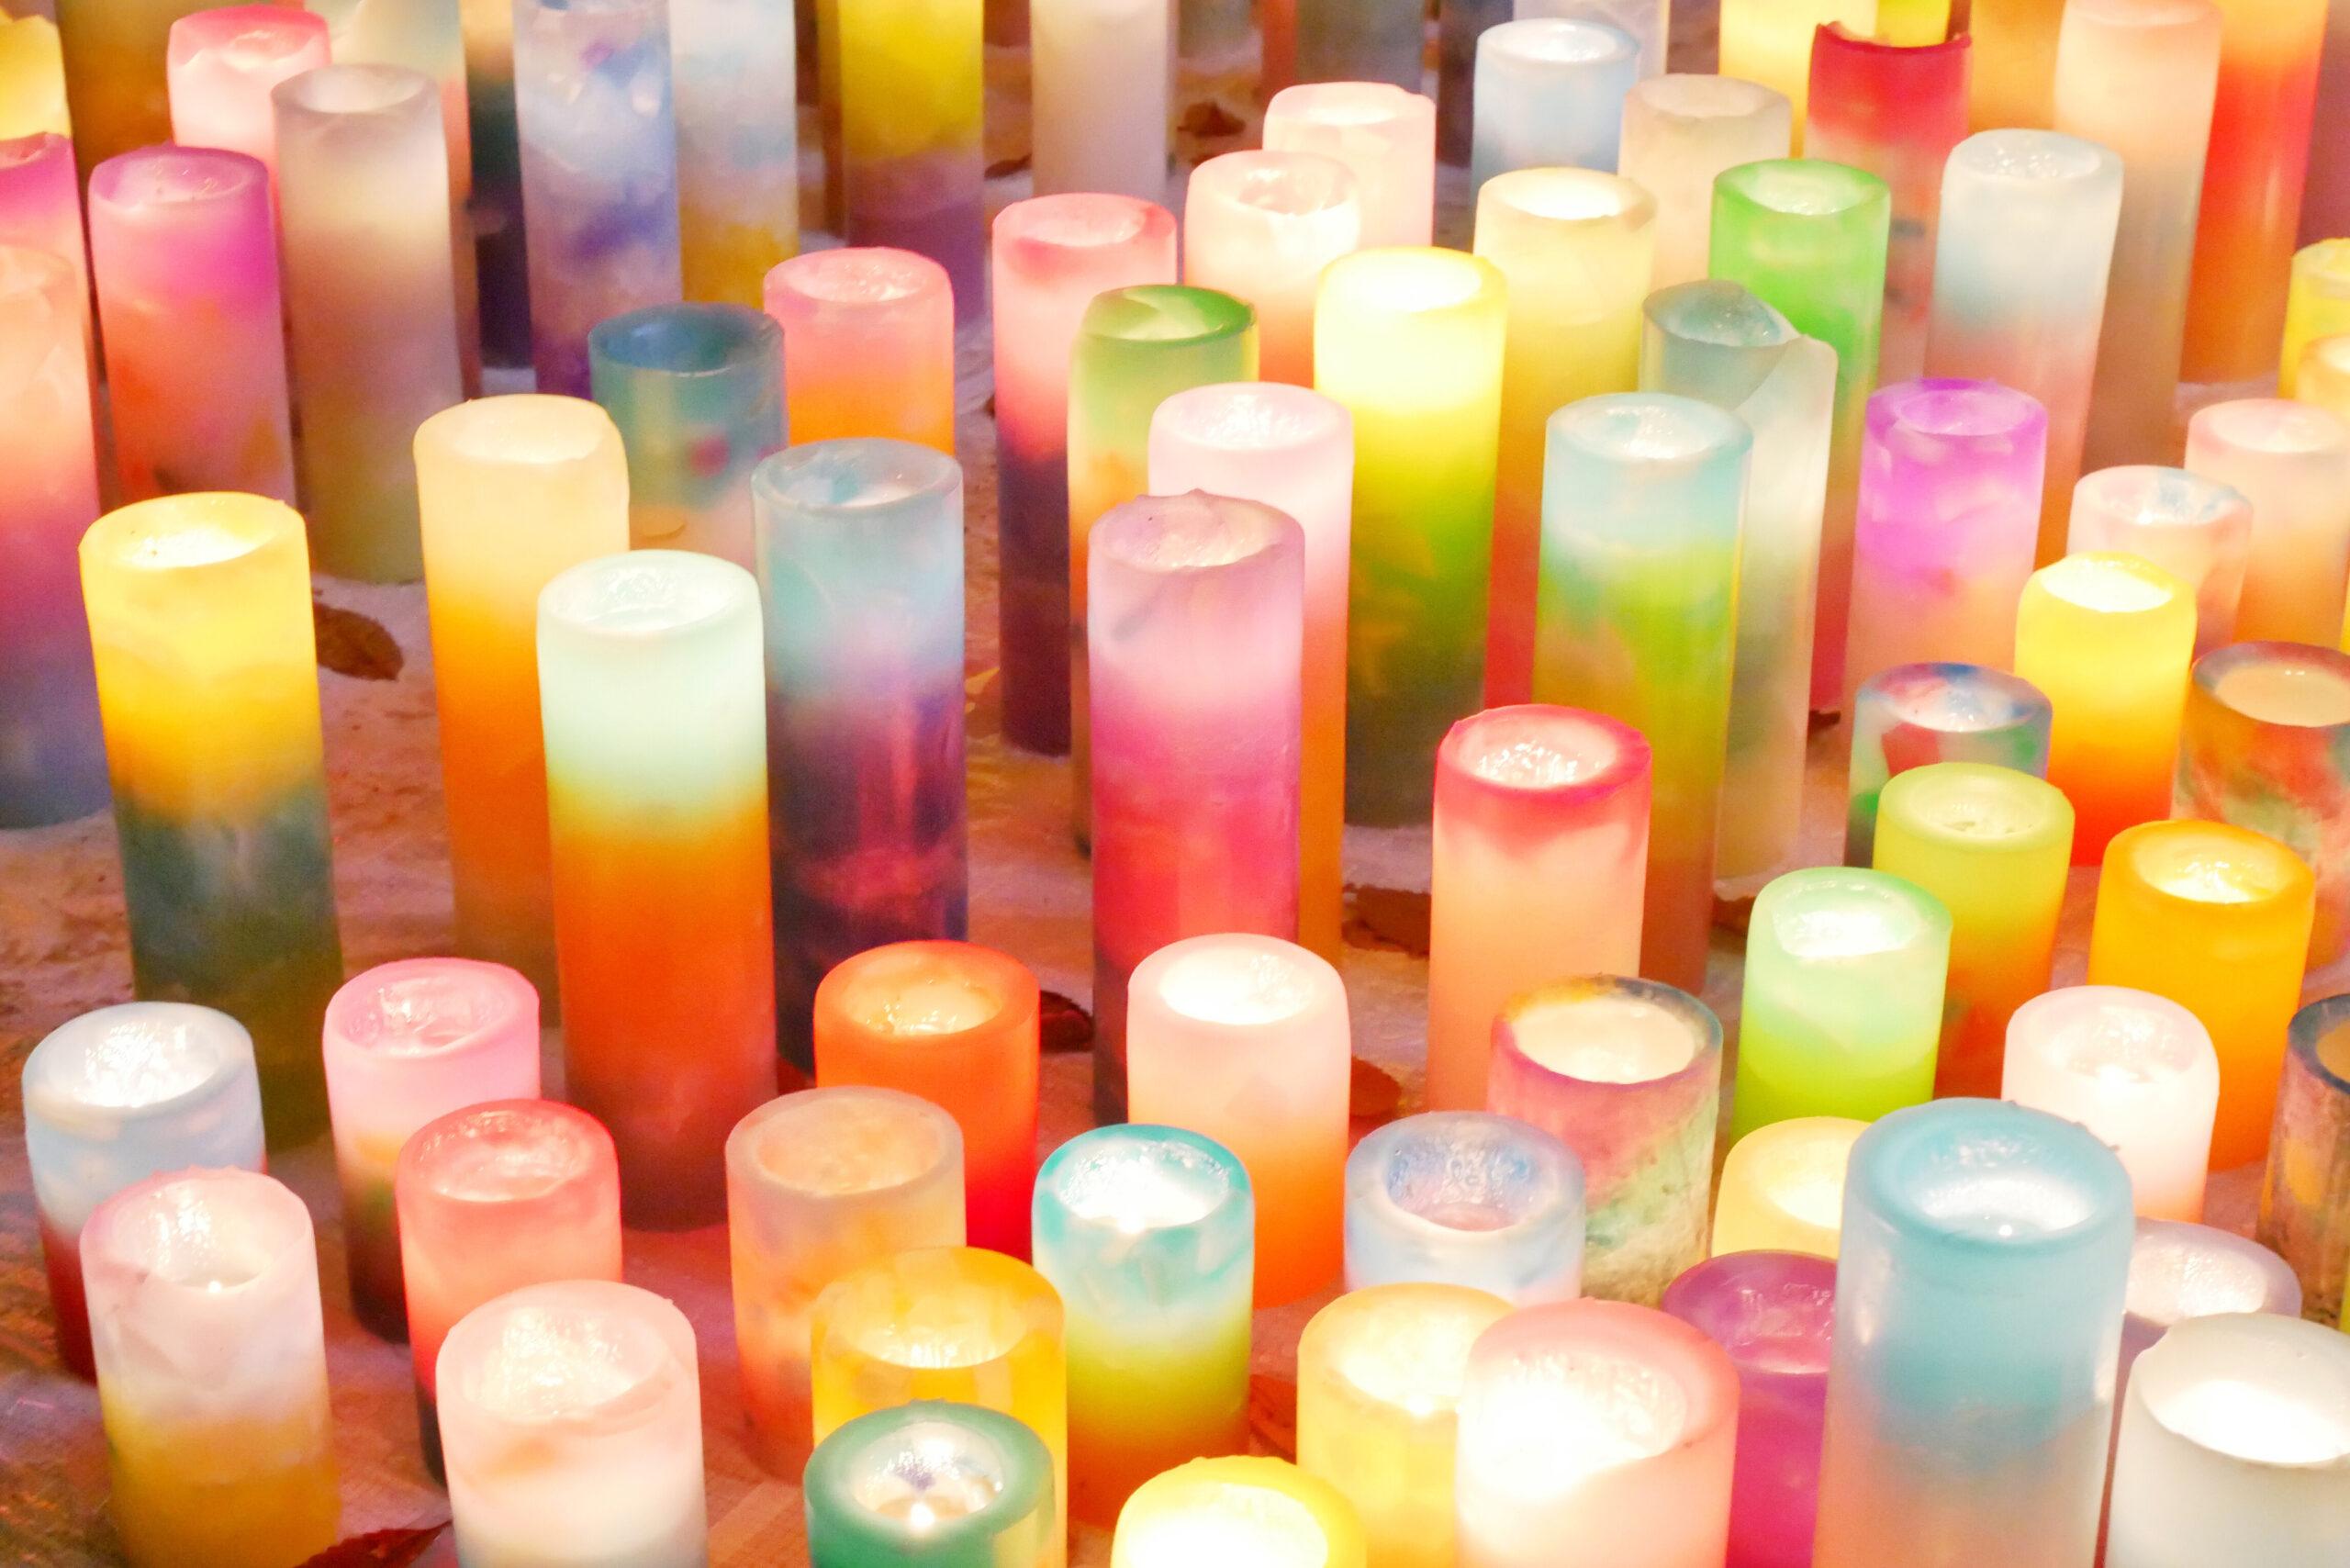 キャンドルで柔らかな灯と共に癒やされる